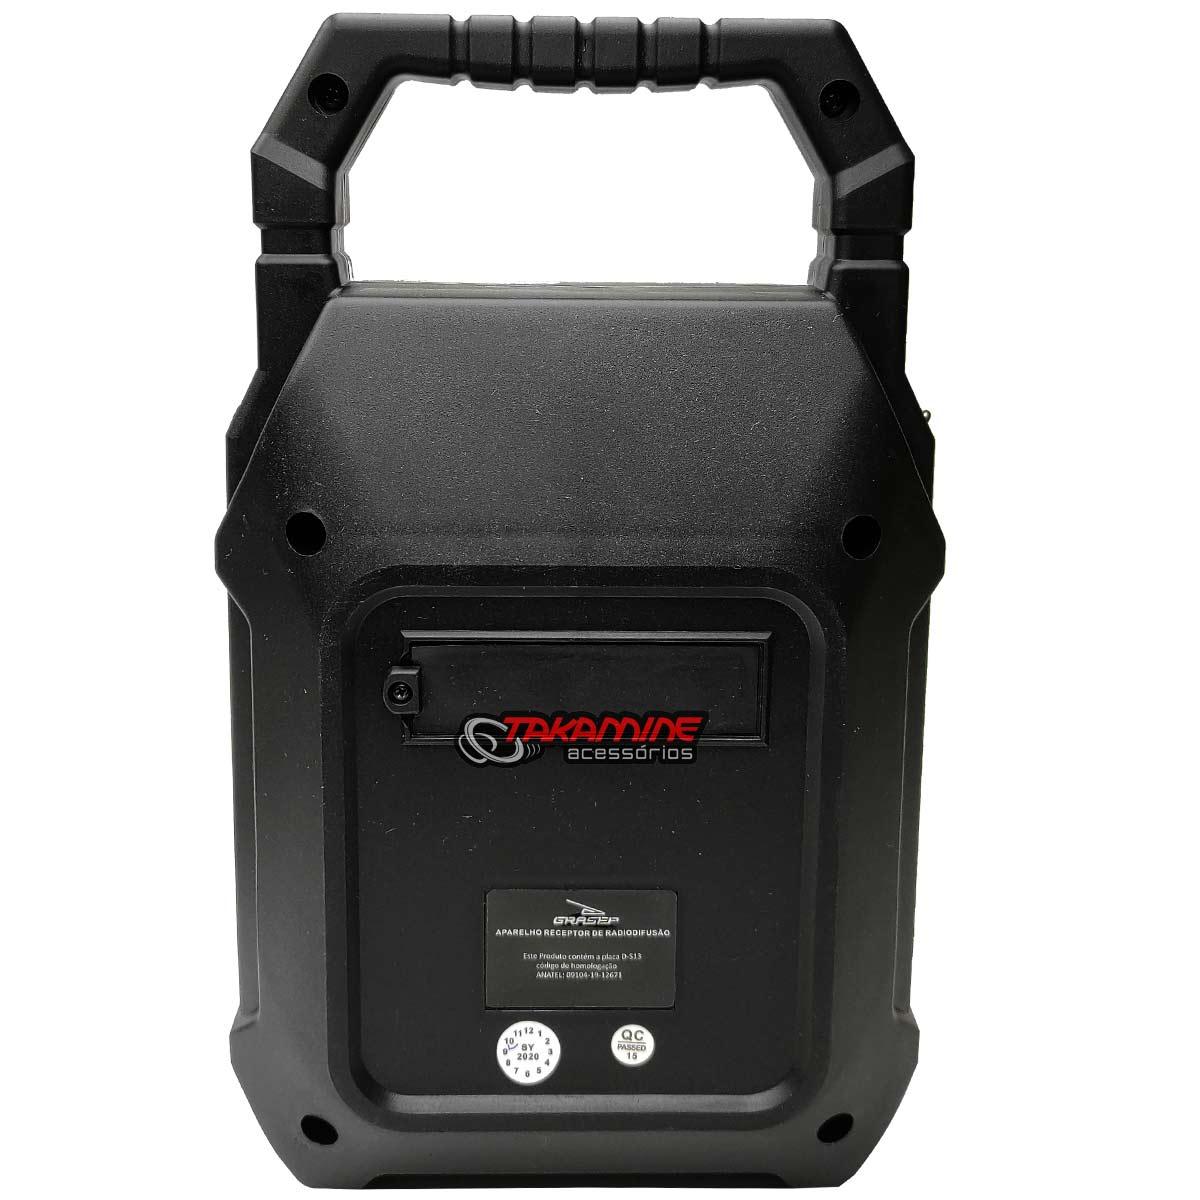 Caixa De Som Portátil com Bluetooth / Fm / entradas auxiliar, USB, SD Card e para microfone Grasep D-S6